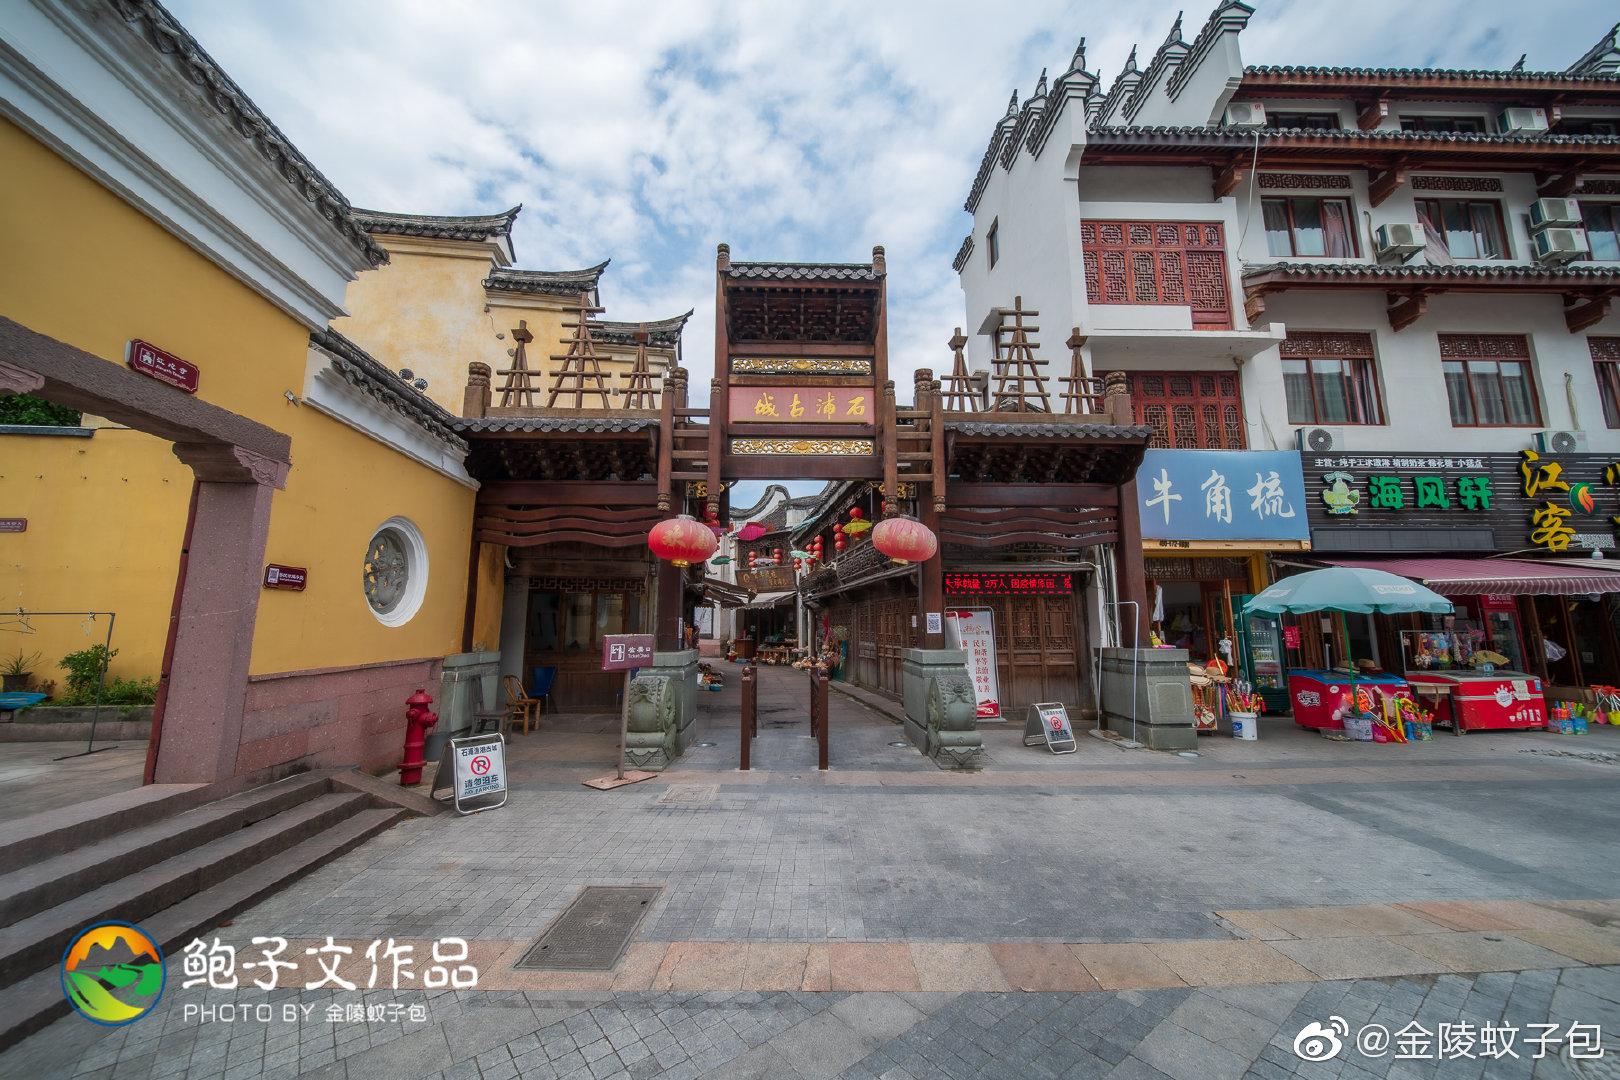 宁波象山石浦渔港古城,又名荔港,呈东北西南走向